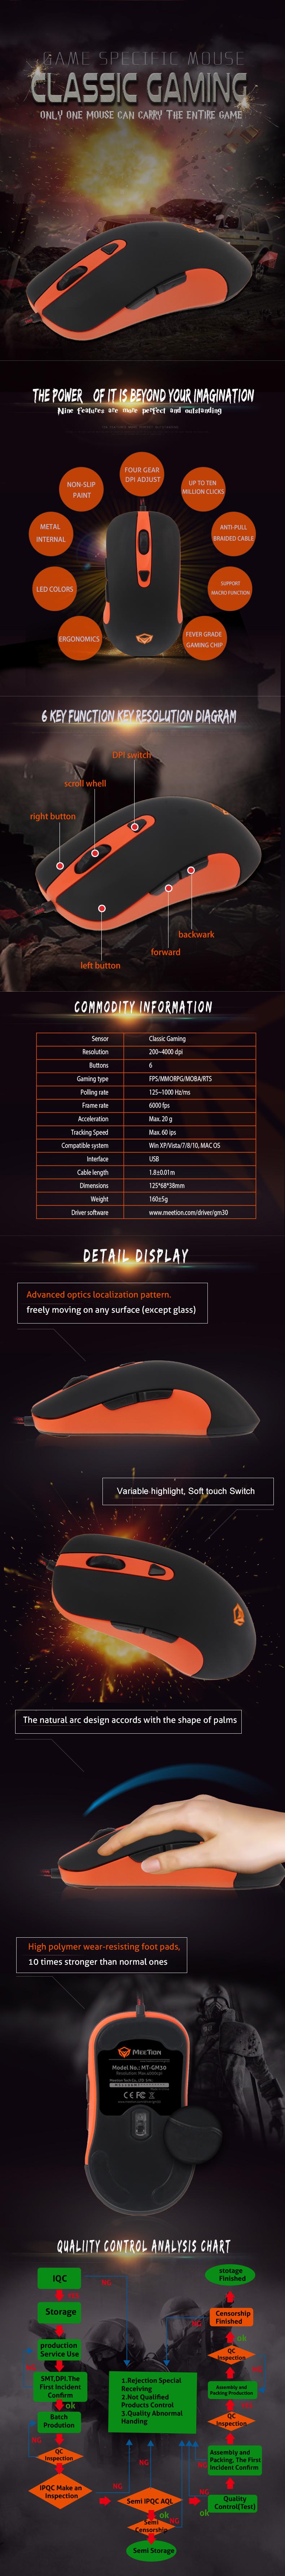 bulk best fps gaming mouse manufacturer-1